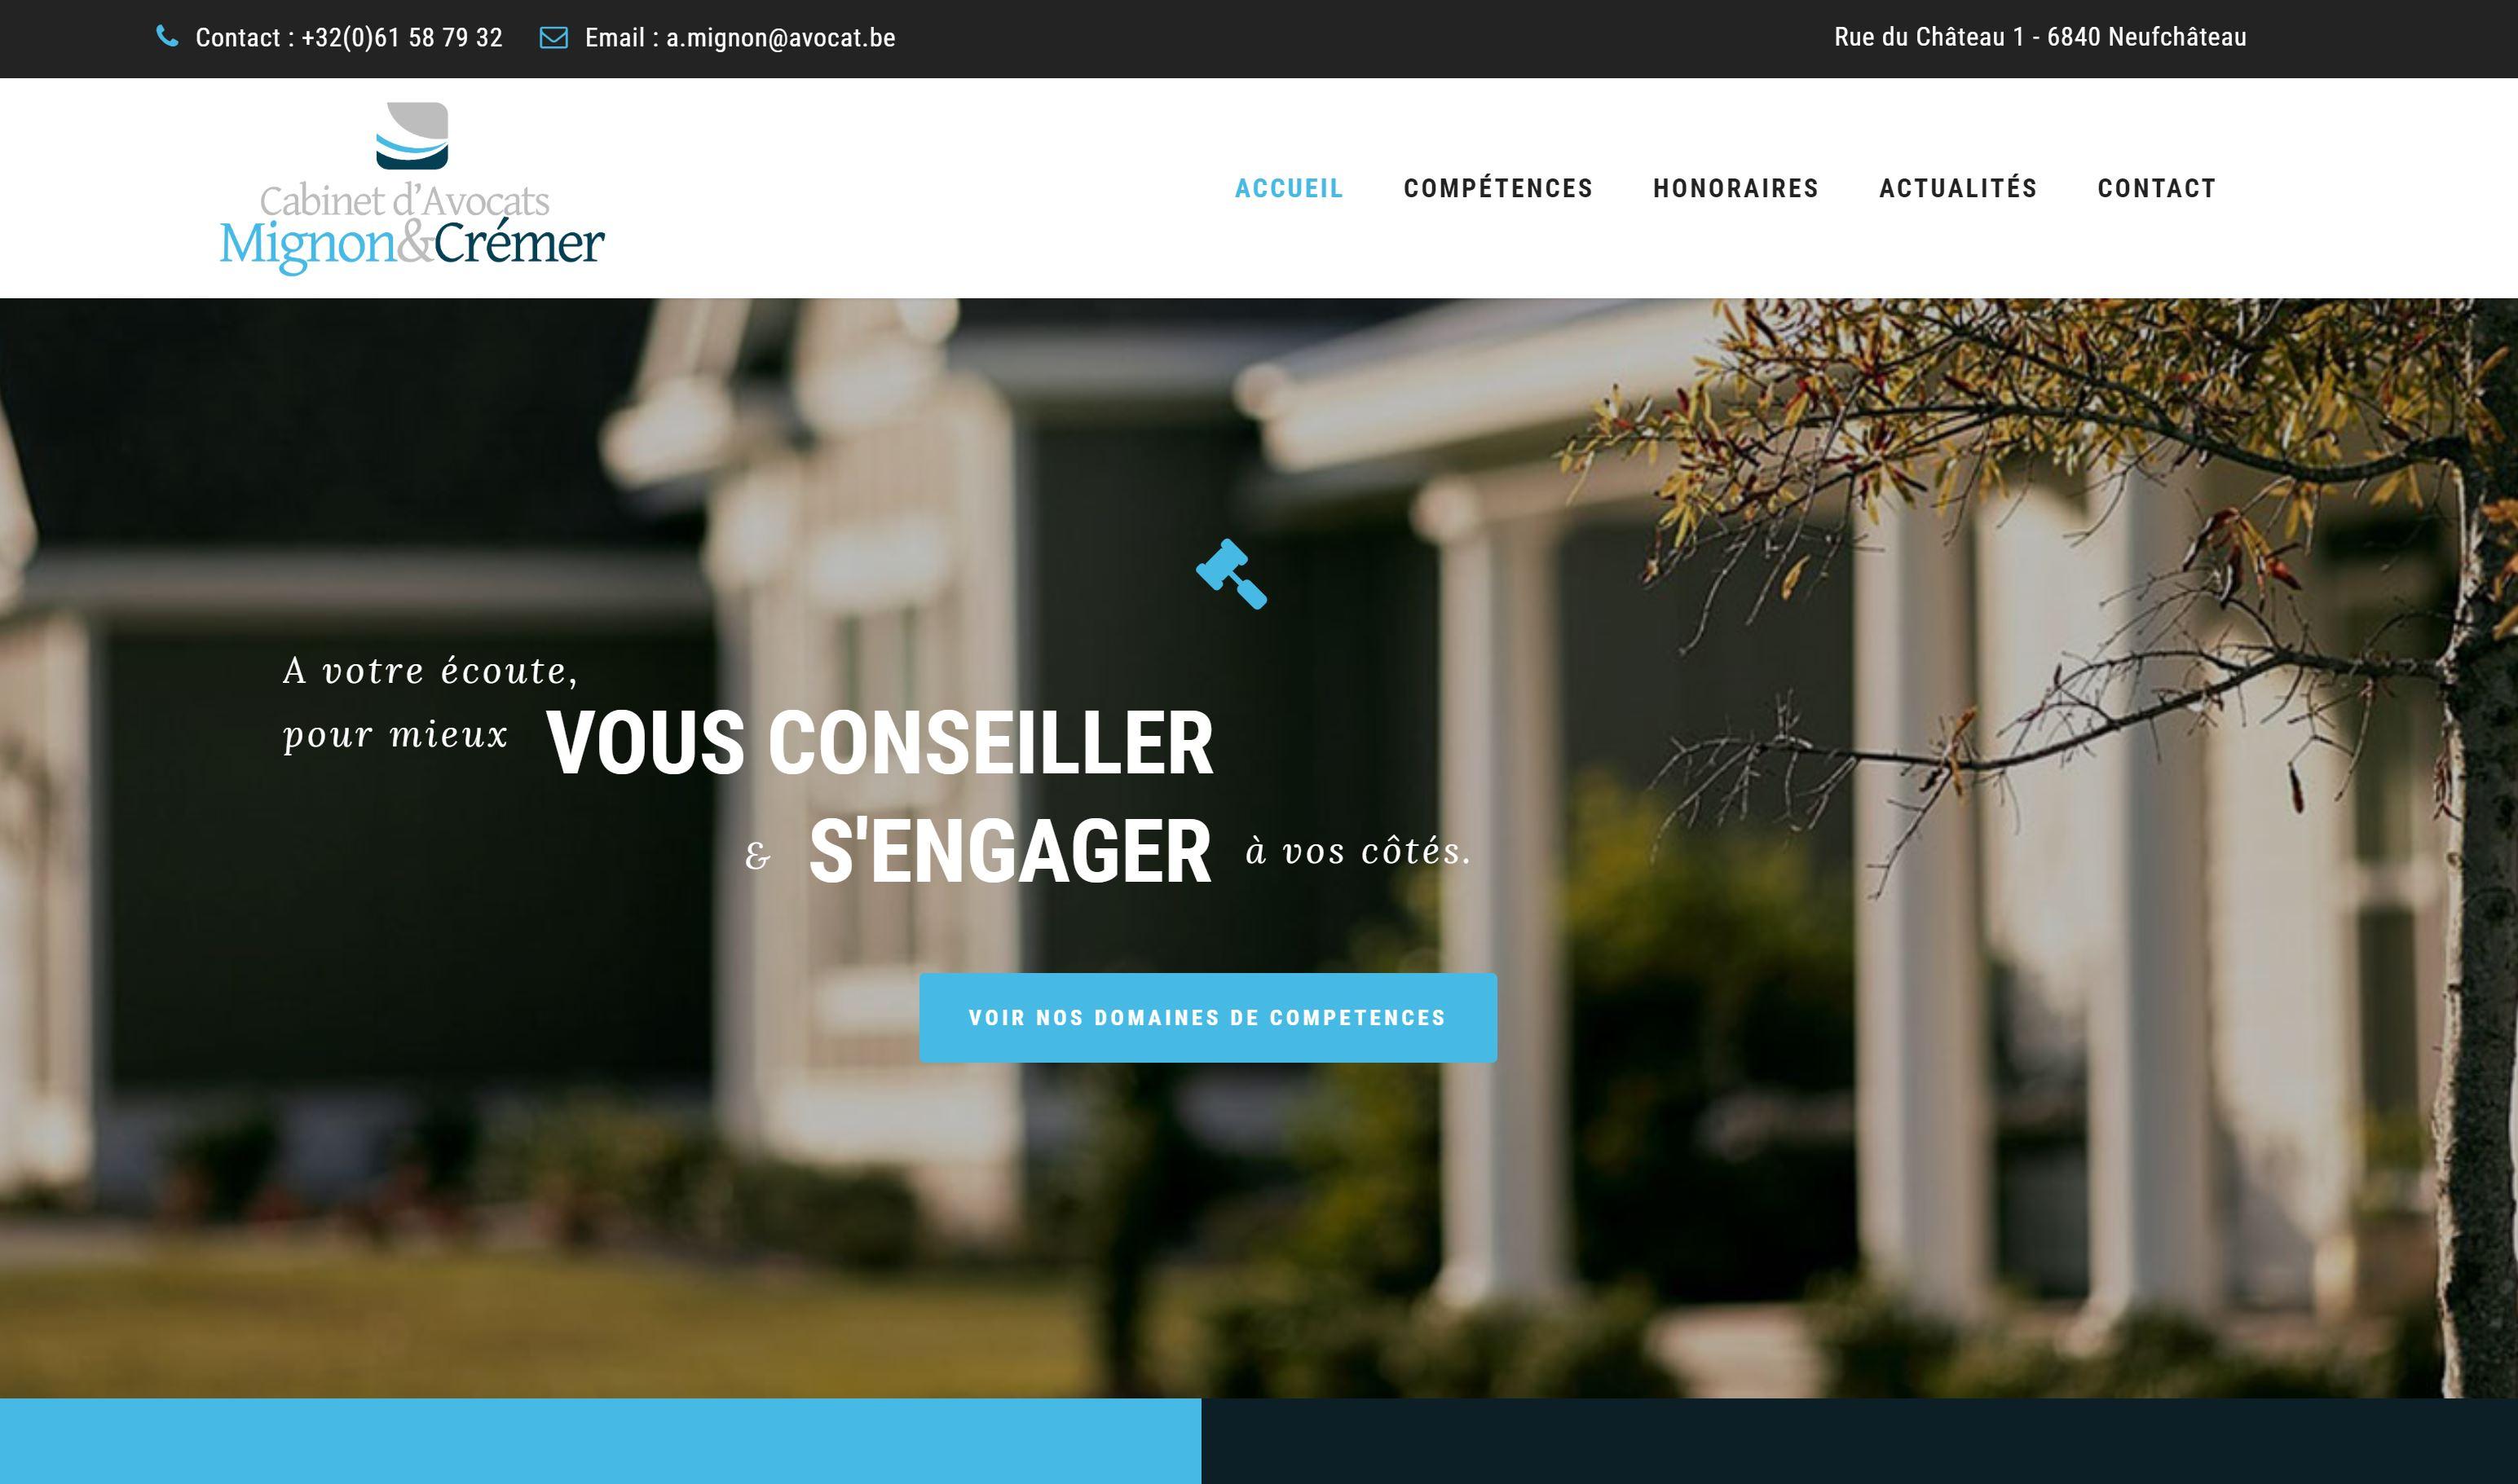 Cabinet d'avocats Mignon & Crémer, site internet